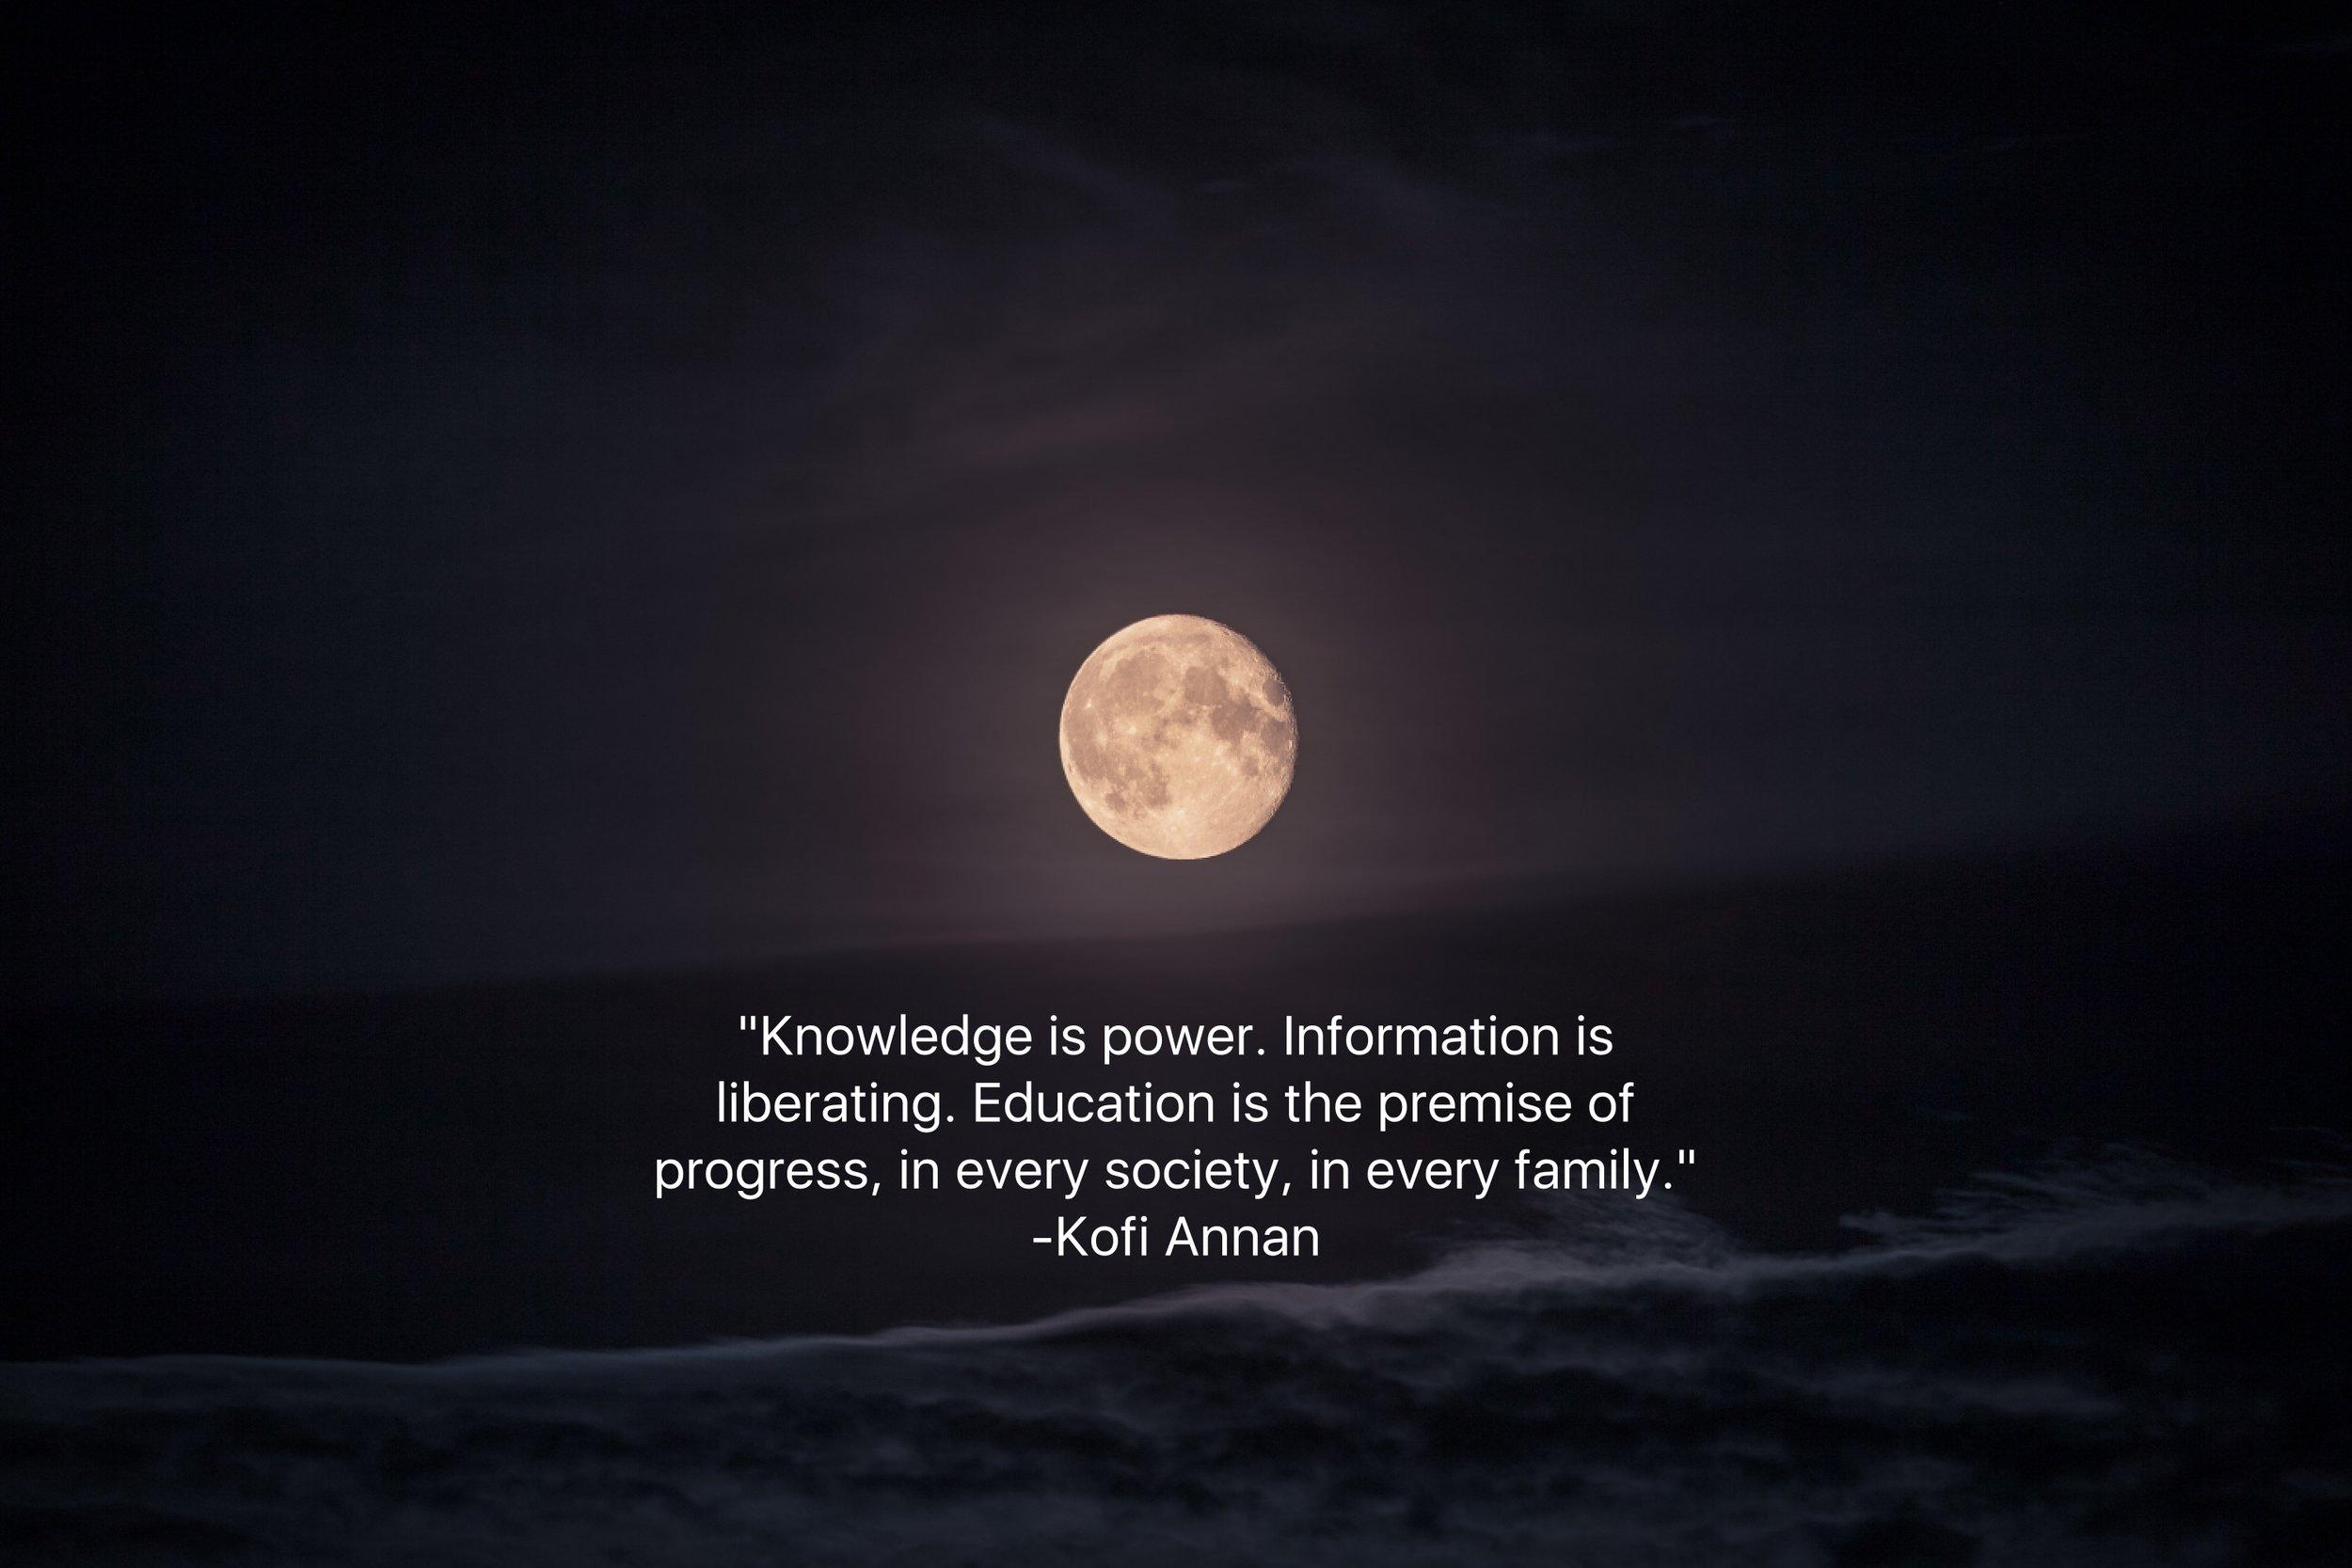 Moon quote.jpg